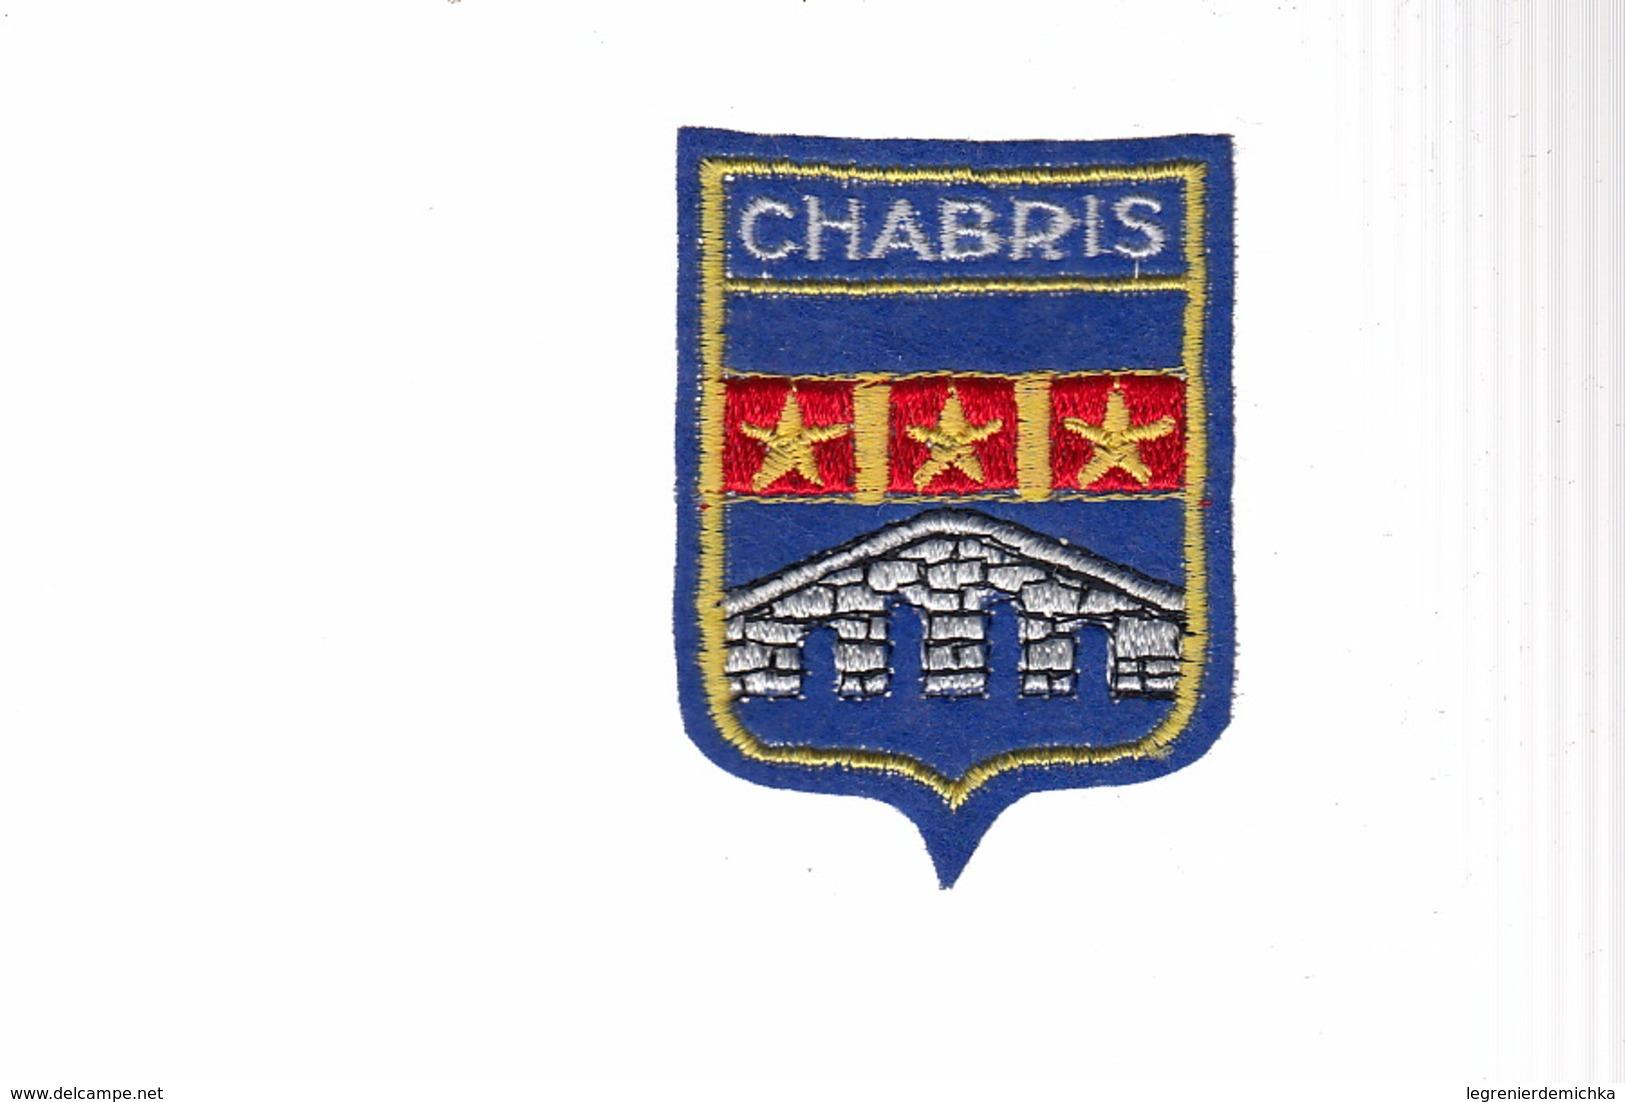 ECUSSON TISSU BRODE - CHABRIS - Ecussons Tissu